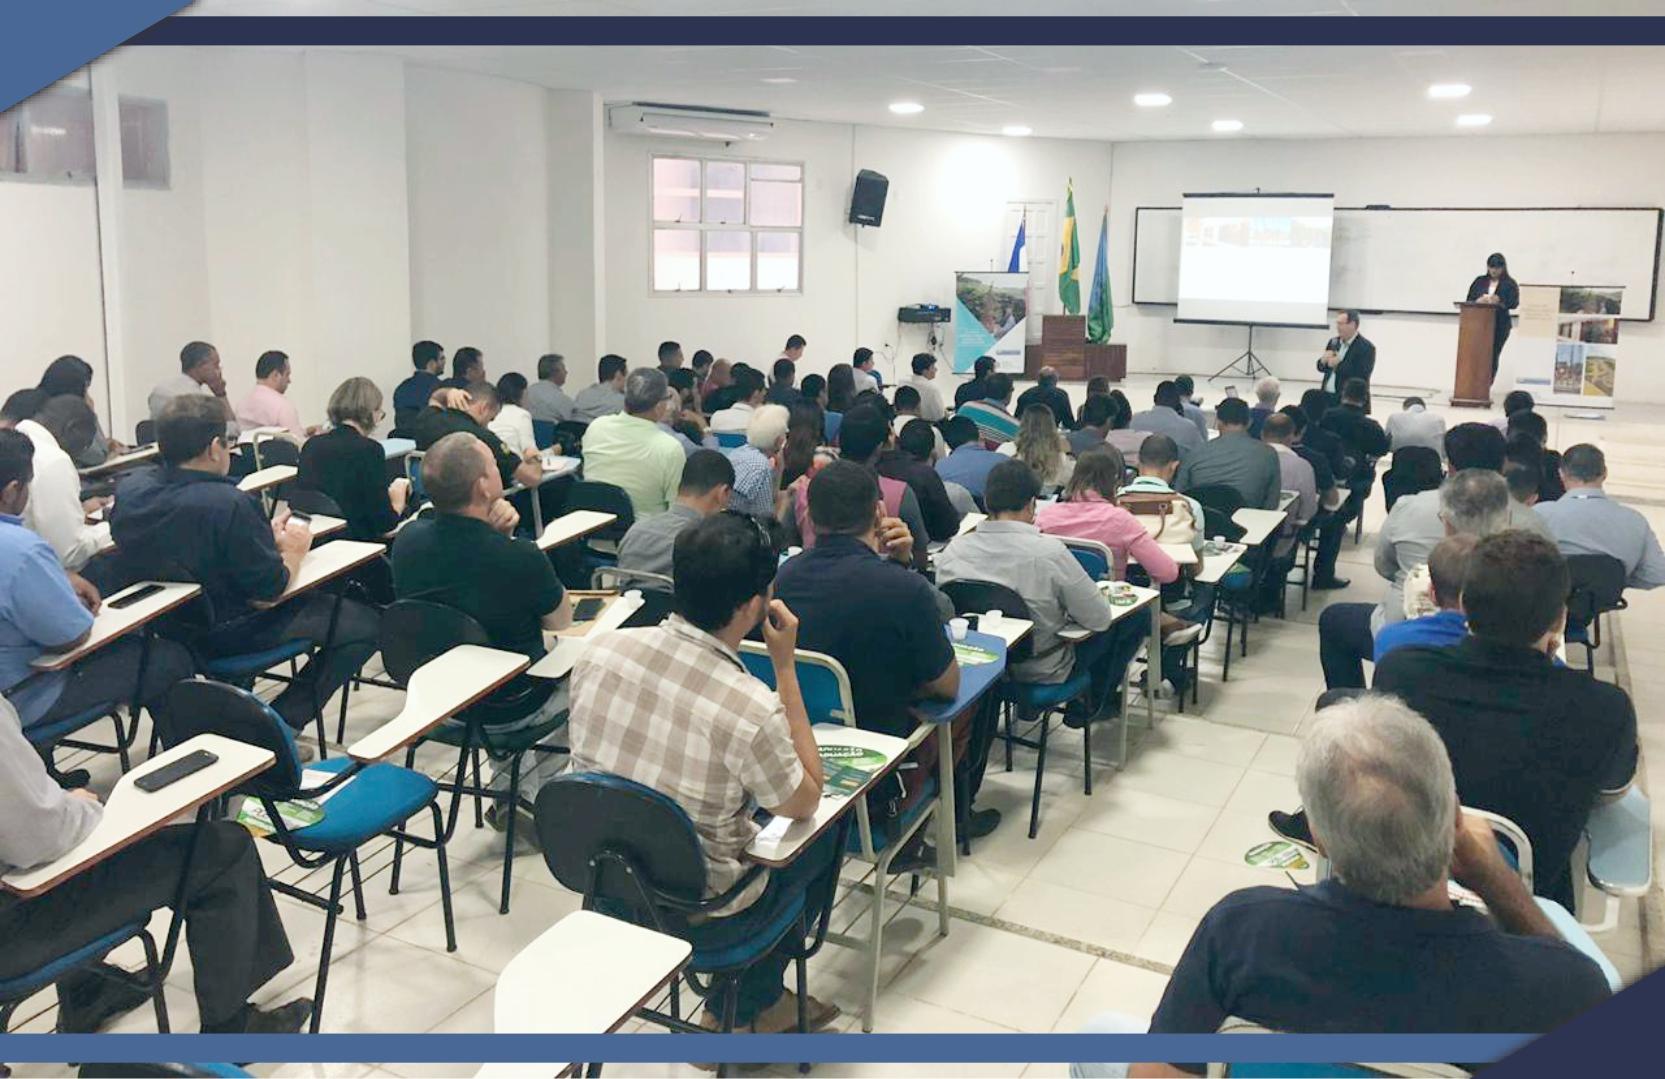 CONSELHO DE DESENVOLVIMENTO REGIONAL DA MICRORREGIÃO NORDESTE É IMPLANTADO EM SÃO MATEUS